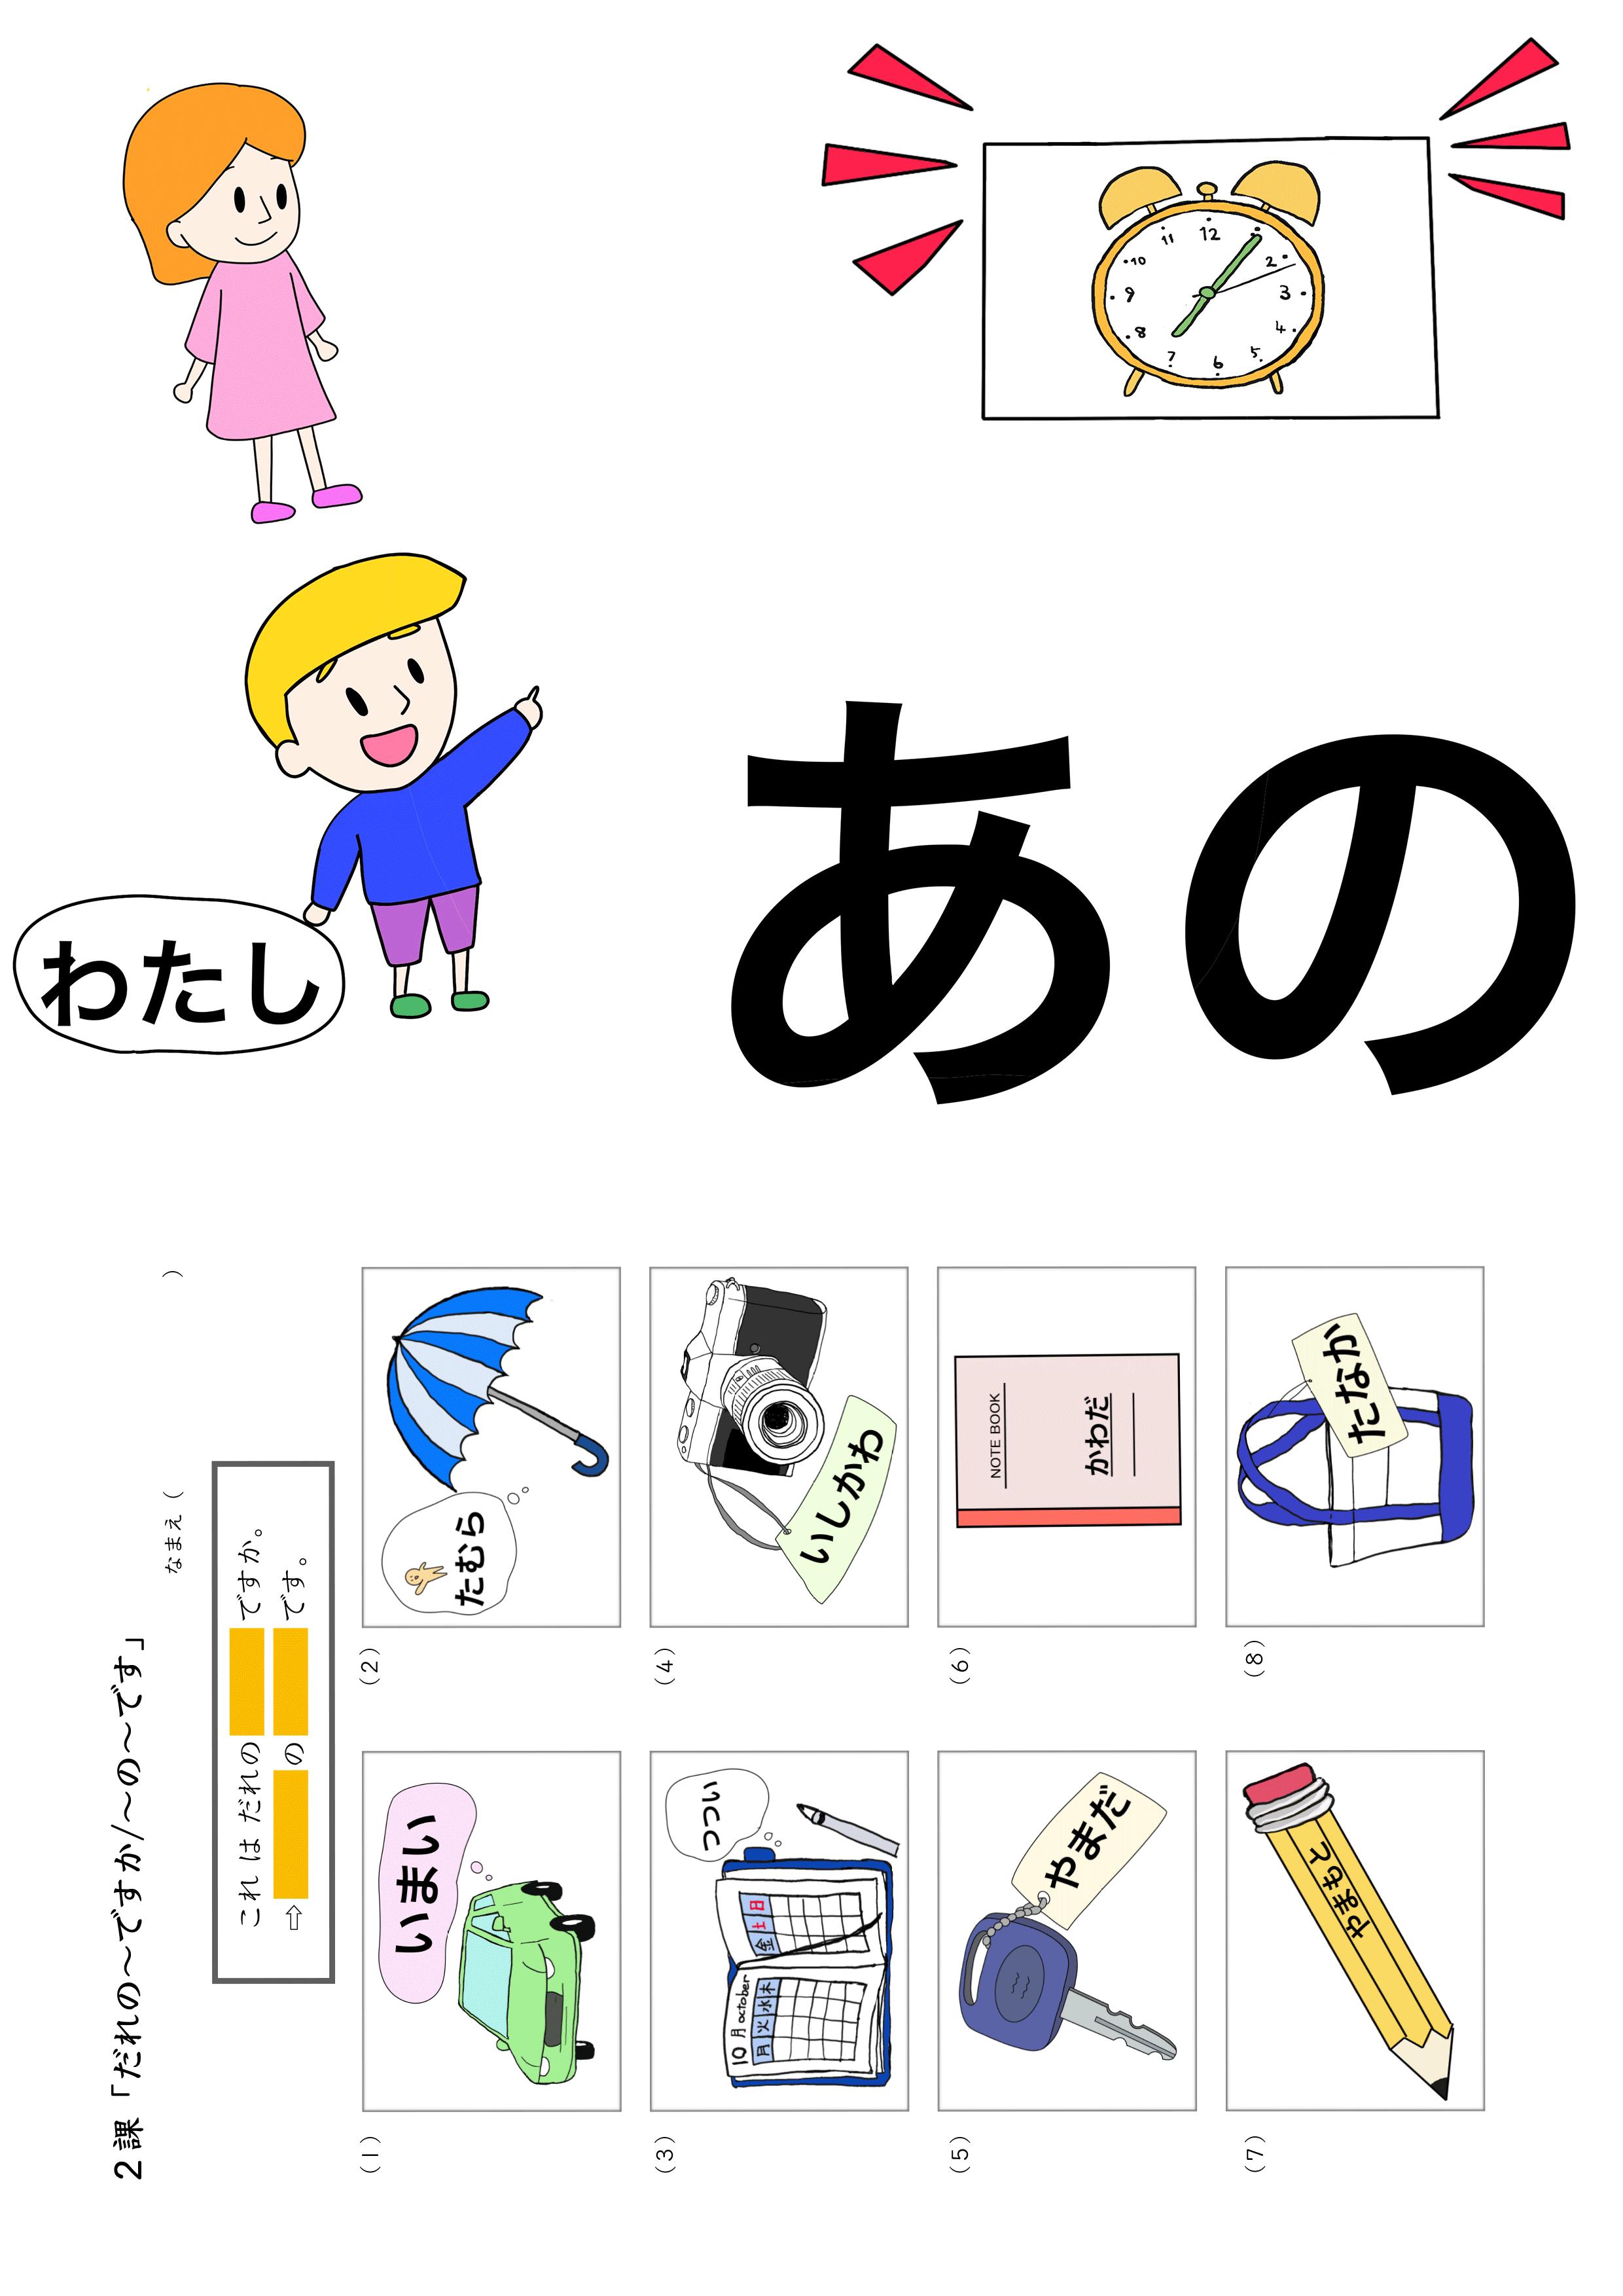 2課イラスト【あの】